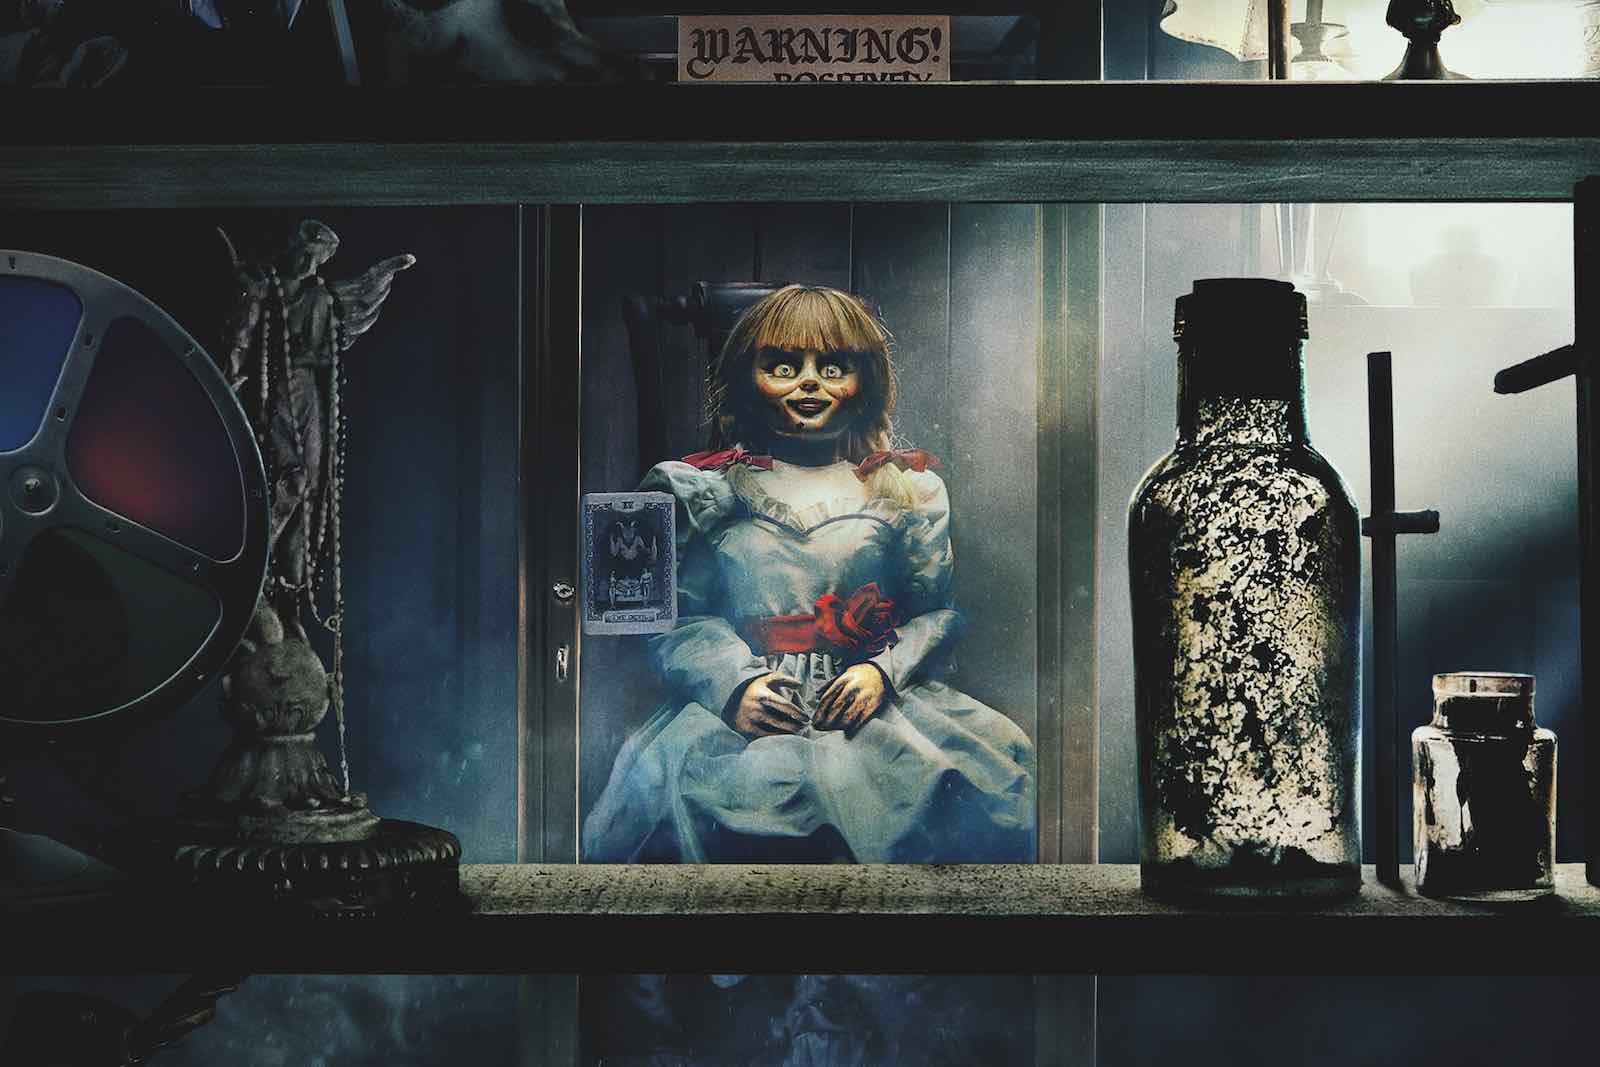 آنابل؛ داستان واقعی عروسکی مرموز که الهام بخش یک فیلم ترسناک شد + تصاویر